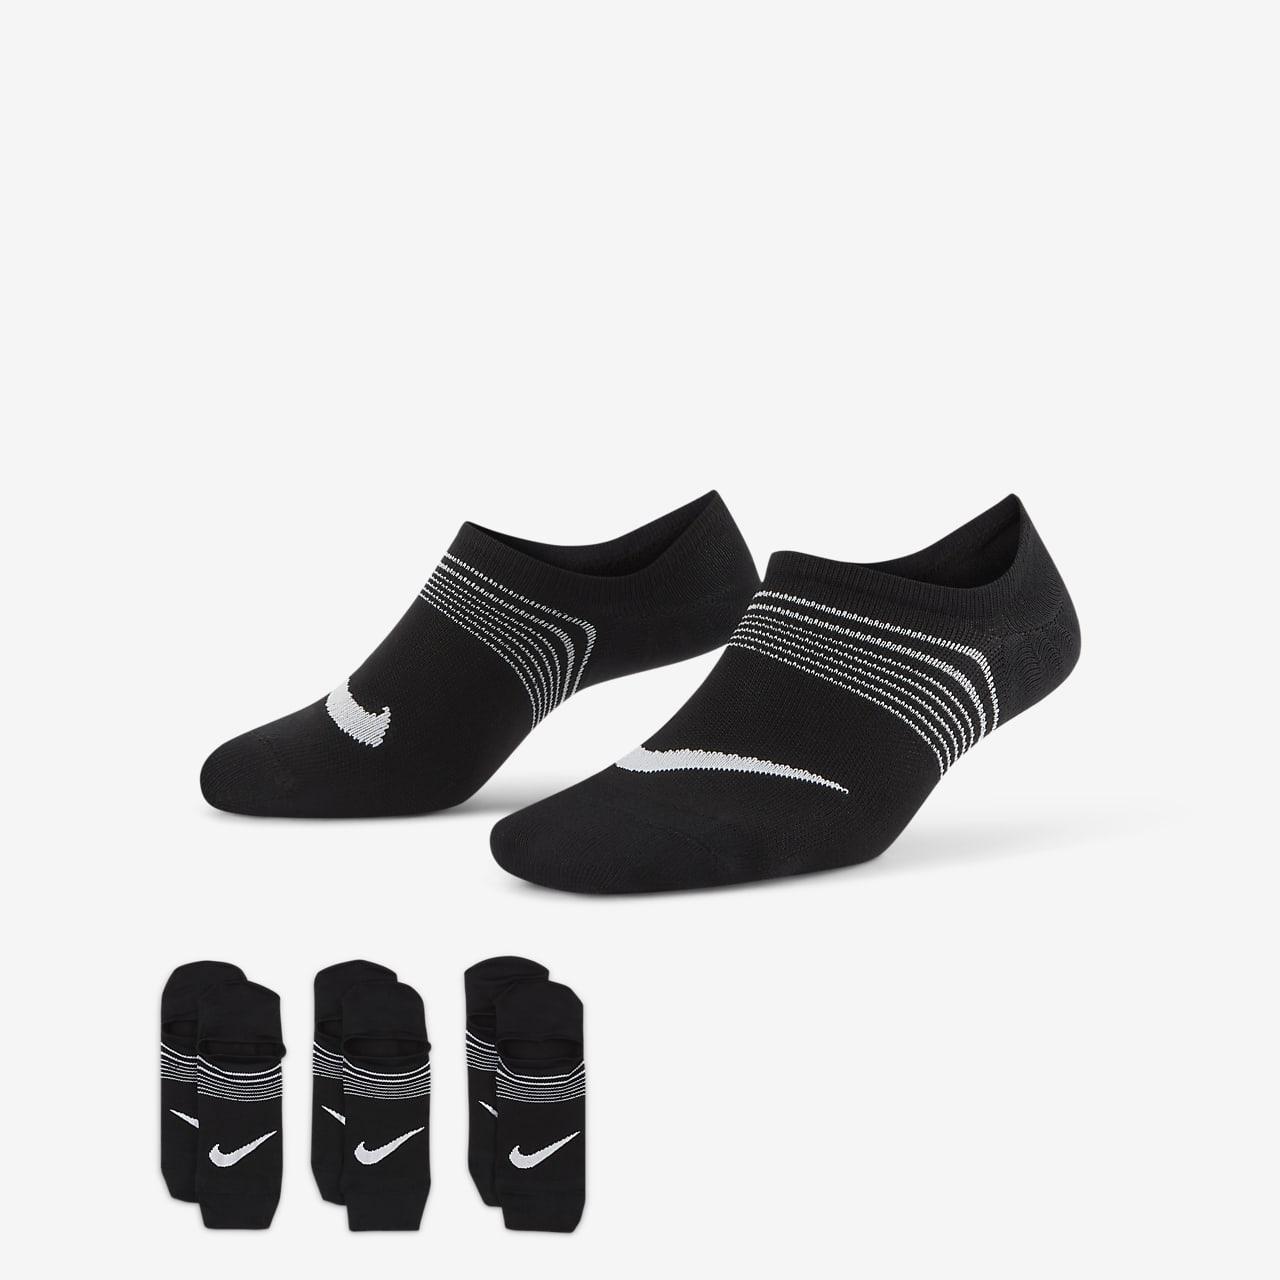 Κάλτσες προπόνησης Nike Lightweight (3 ζευγάρια)